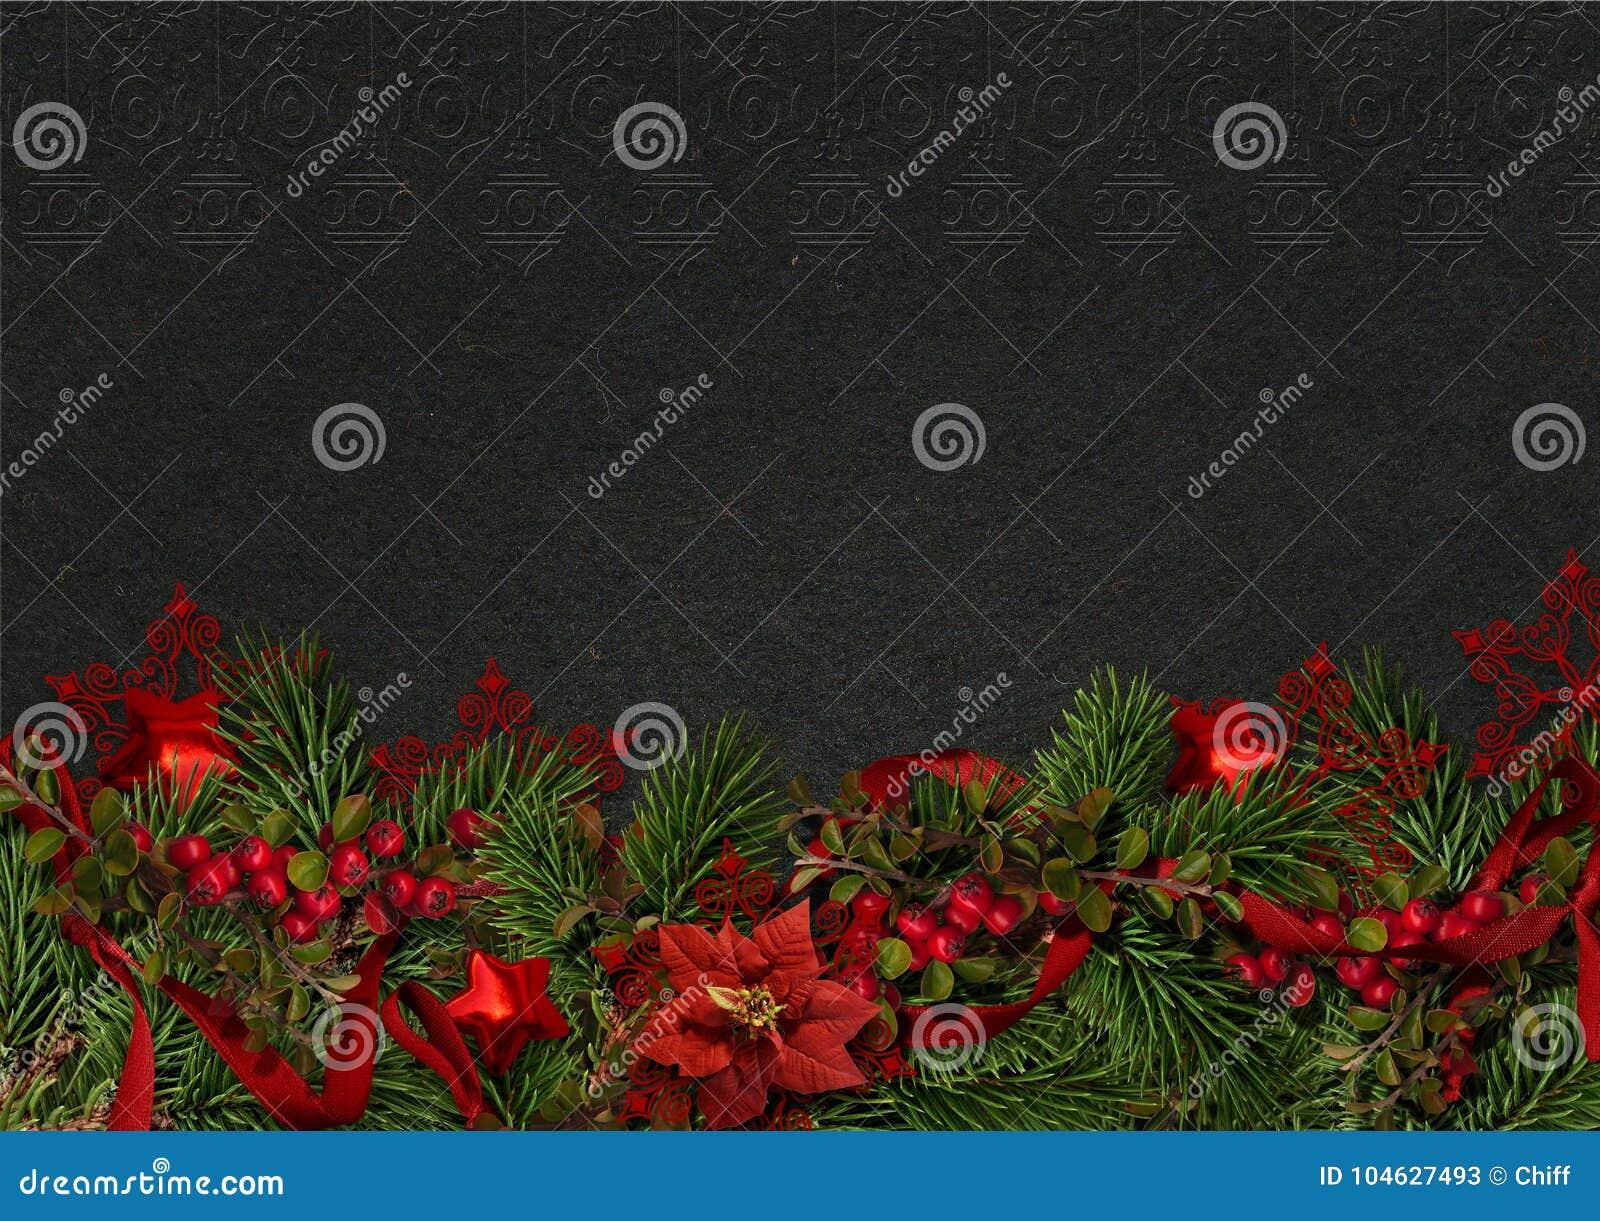 Download Kerstmisgrens Met Hulst En Poinsettia Op Een Donkere Achtergrond Stock Afbeelding - Afbeelding bestaande uit kegel, gelukwens: 104627493